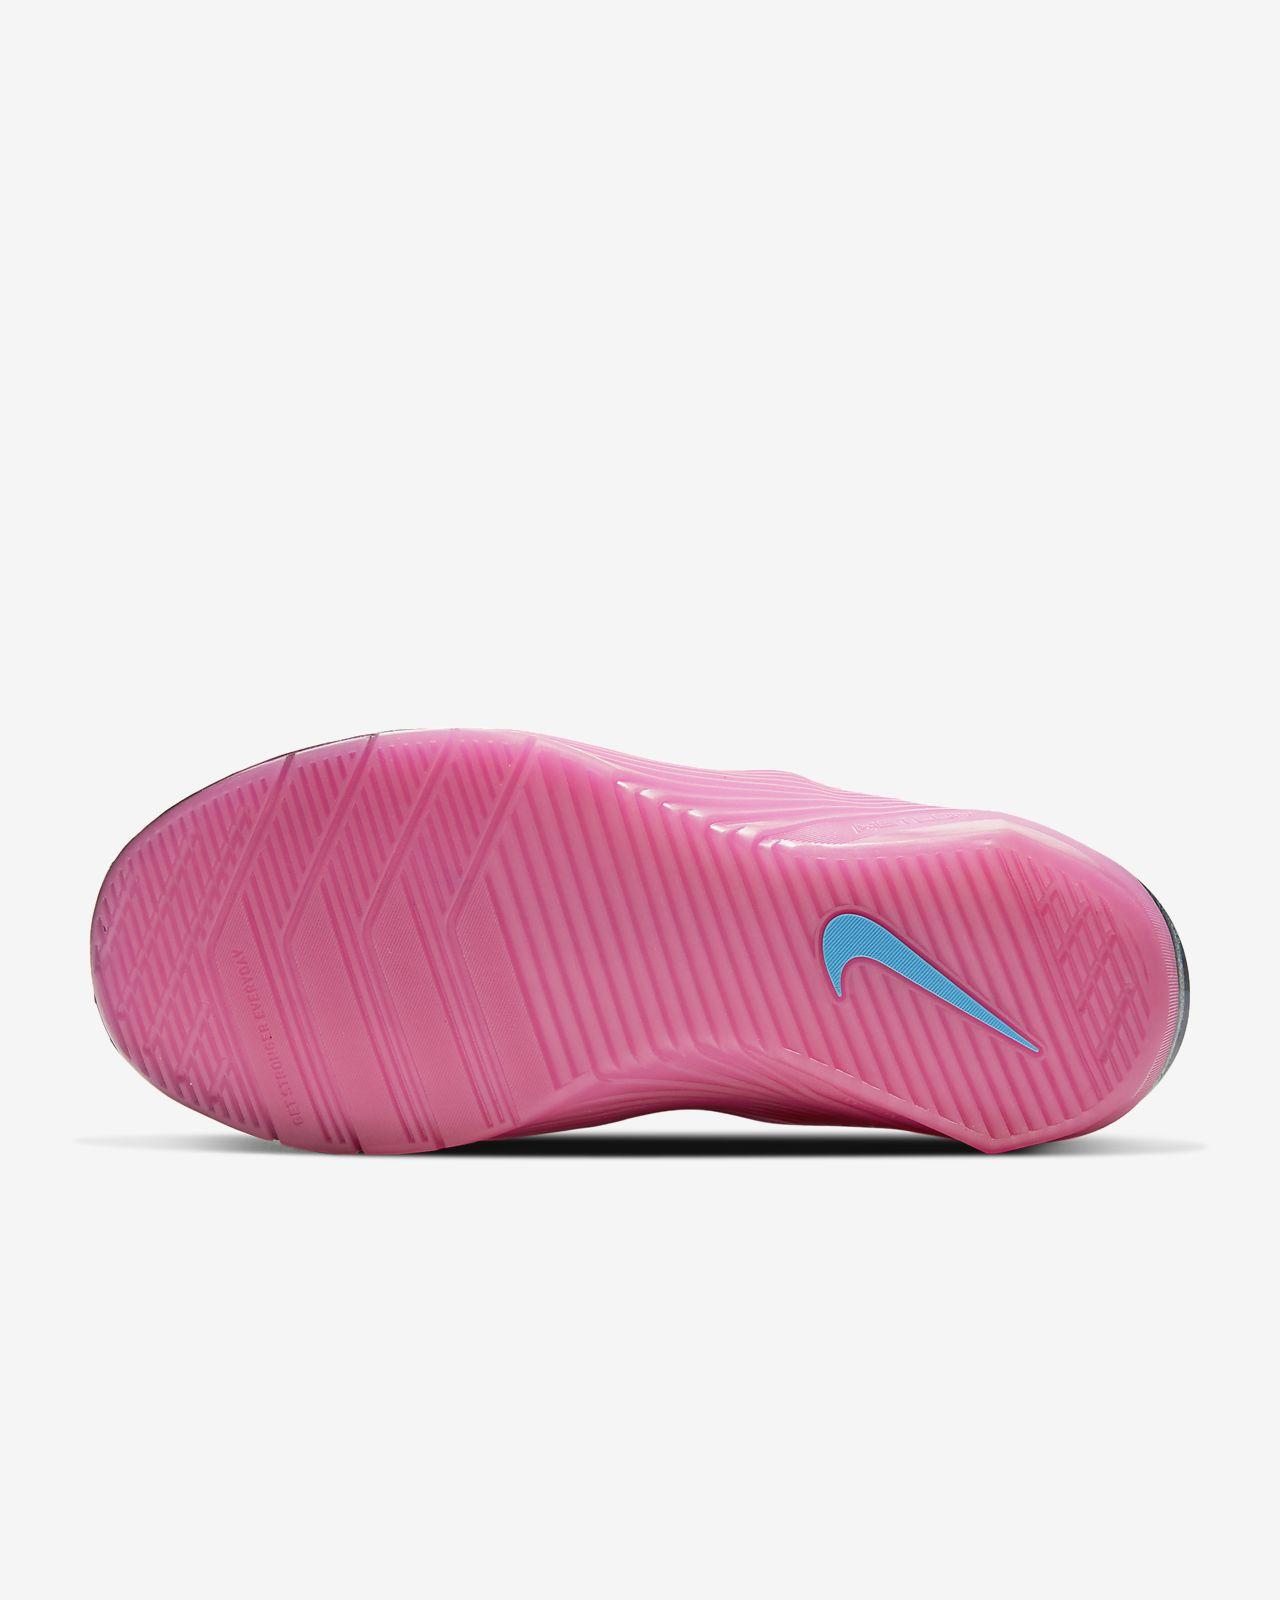 Finde Große Größen für Damen hier. Nike DE